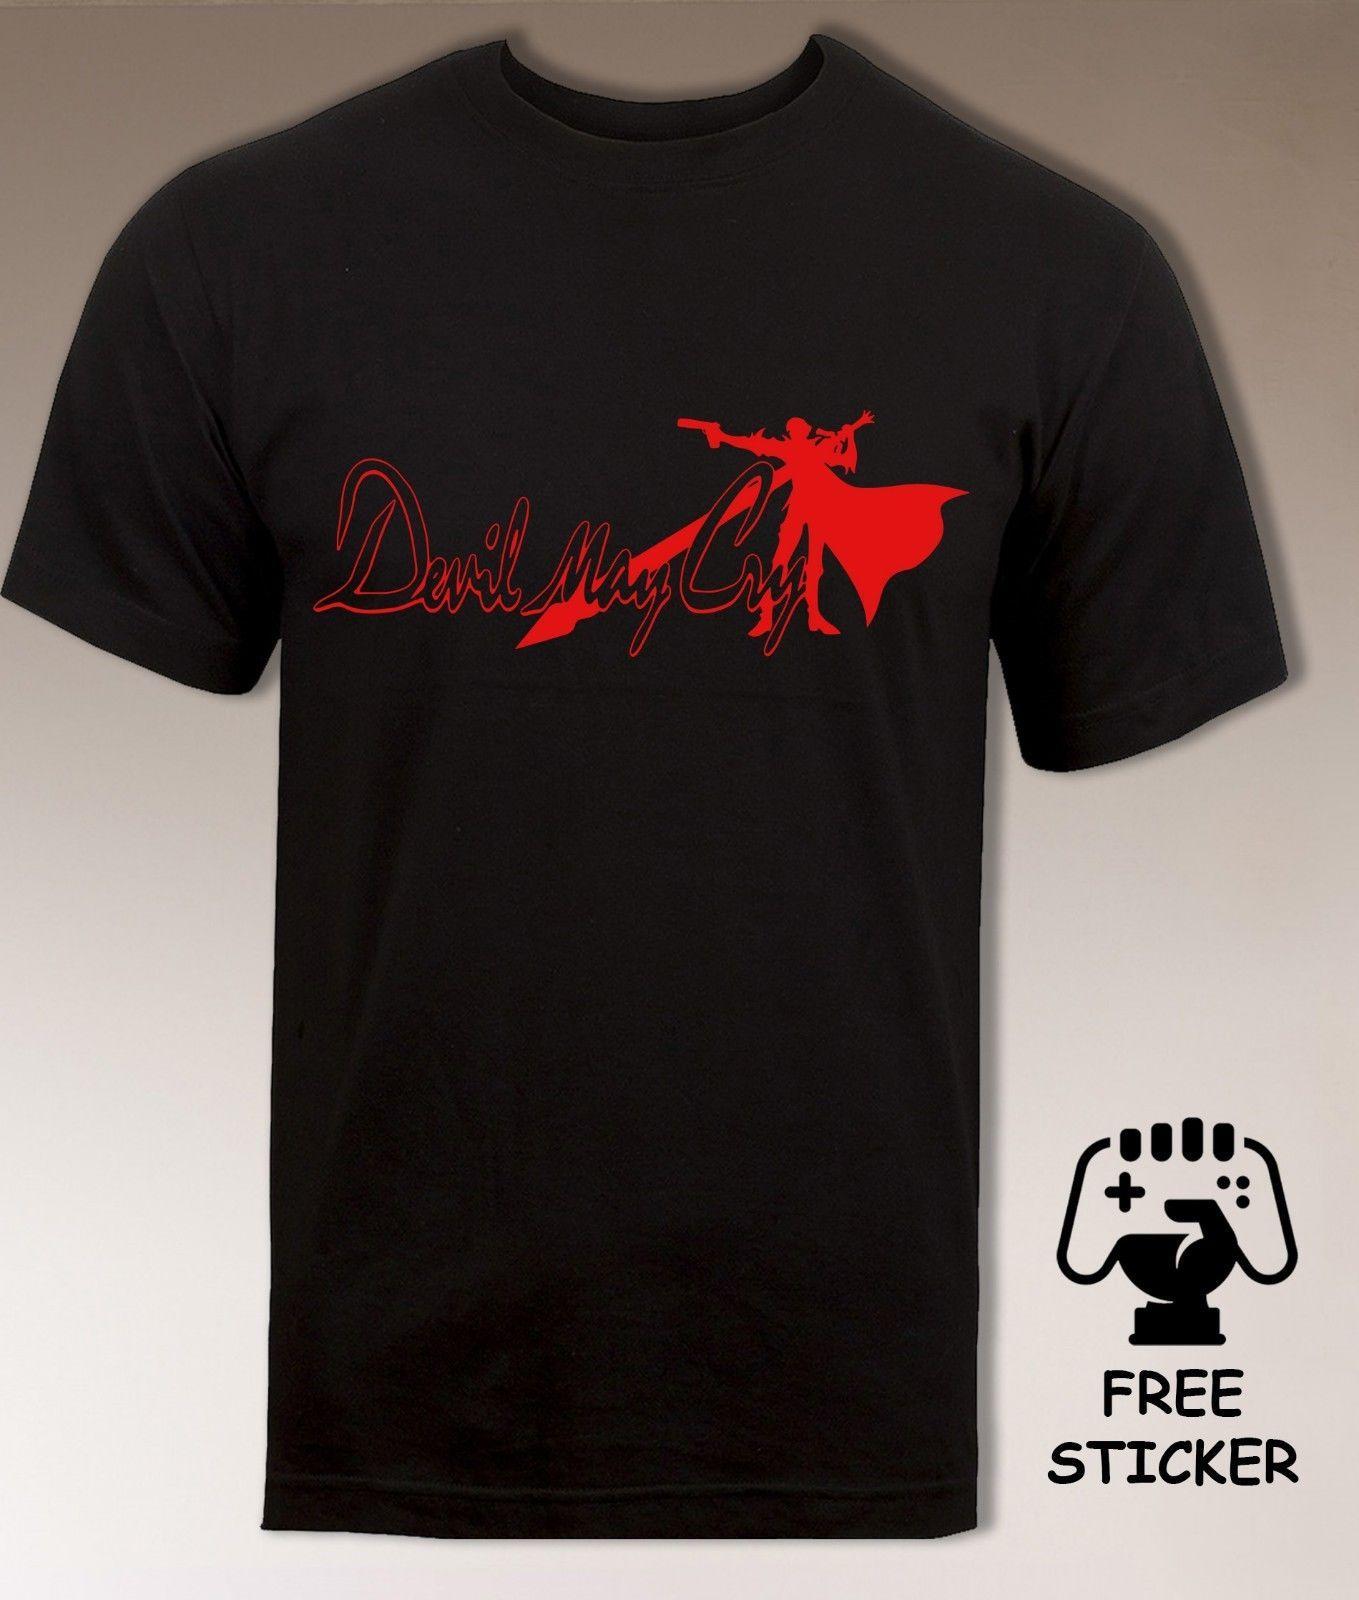 online store 49b90 780ac Devil May Cry Logo T Shirt DMC Dante Vergil Classic Retro Gamers Top Mens S  XXL Men Women Unisex Fashion Tshirt Black Mens T Shirt Cool Tshirt Designs  From ...